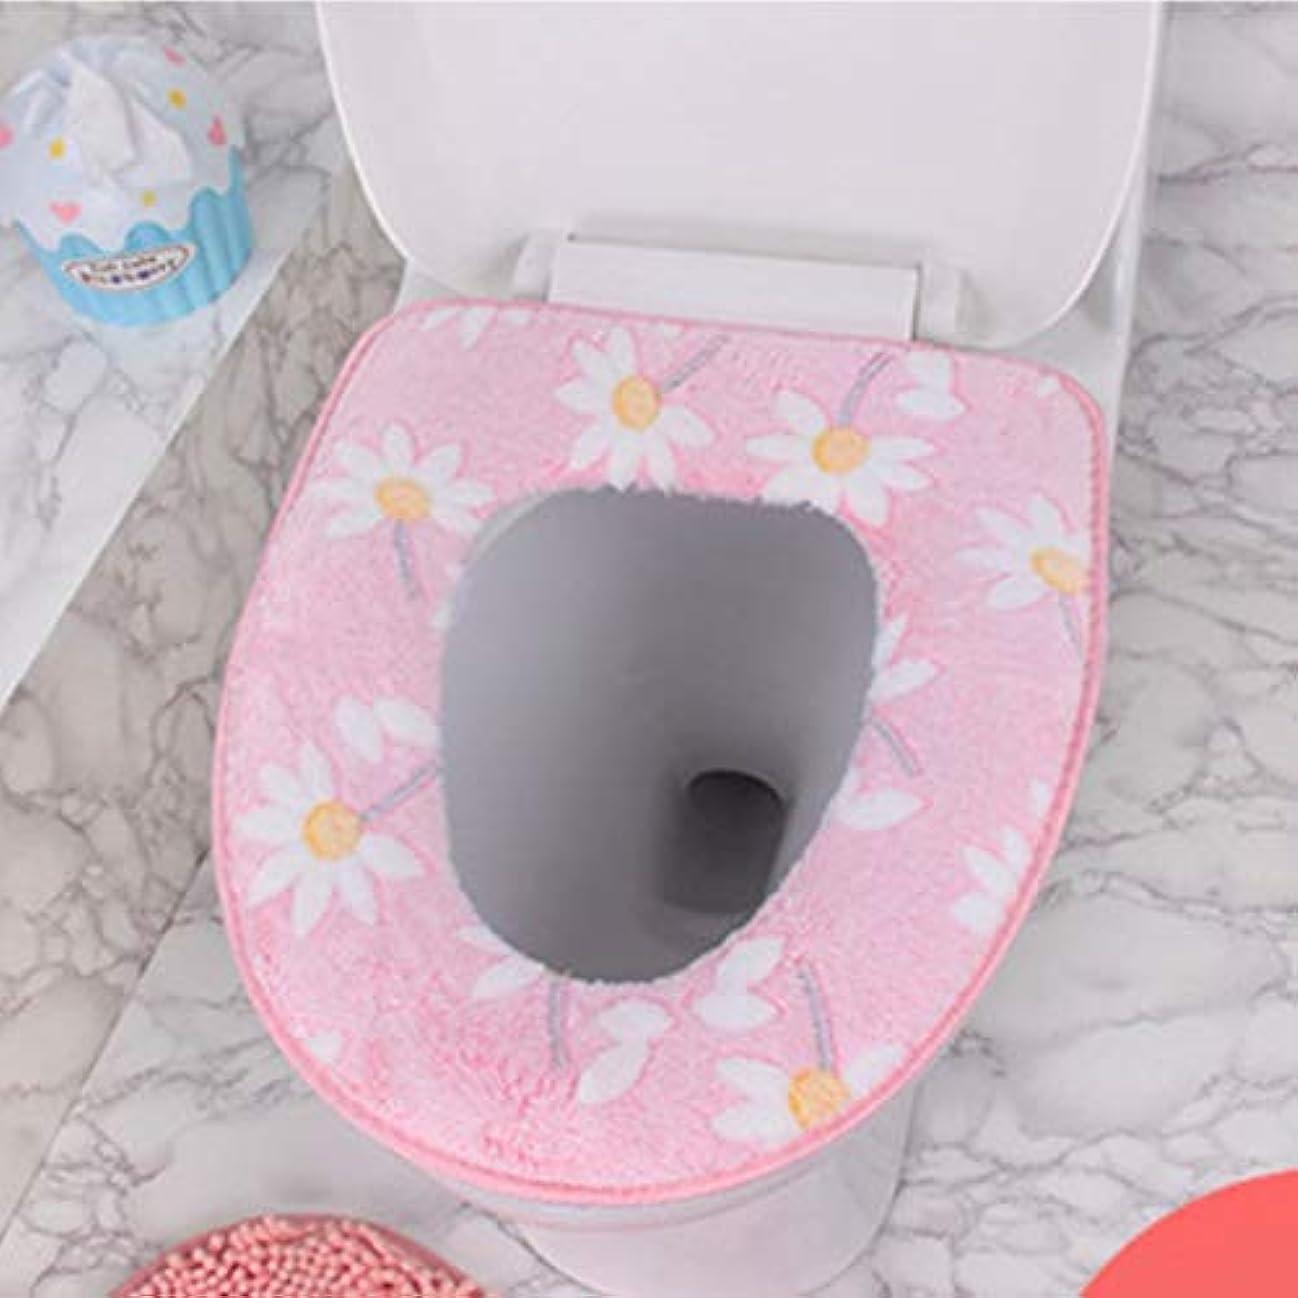 改革疾患タップSwiftgood 便座カバー、柔らかく厚い暖かい浴室便座クッション、伸縮性洗える